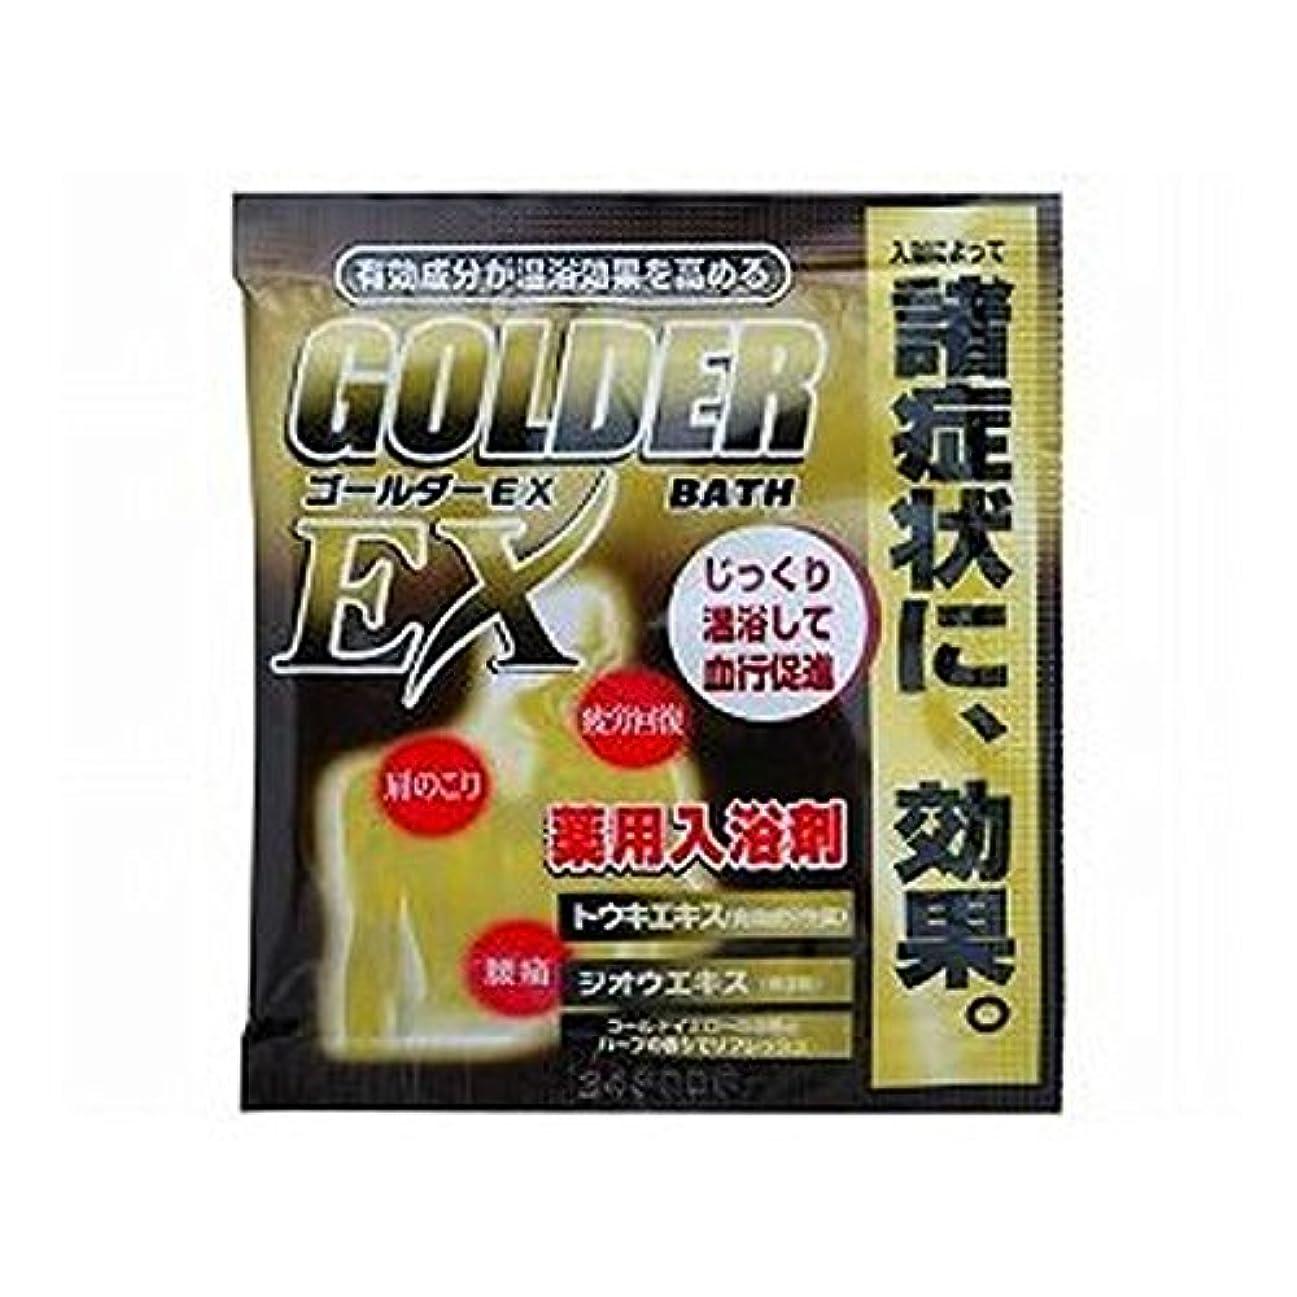 軽食家庭お誕生日ゴールダーEX 25g(入浴剤)